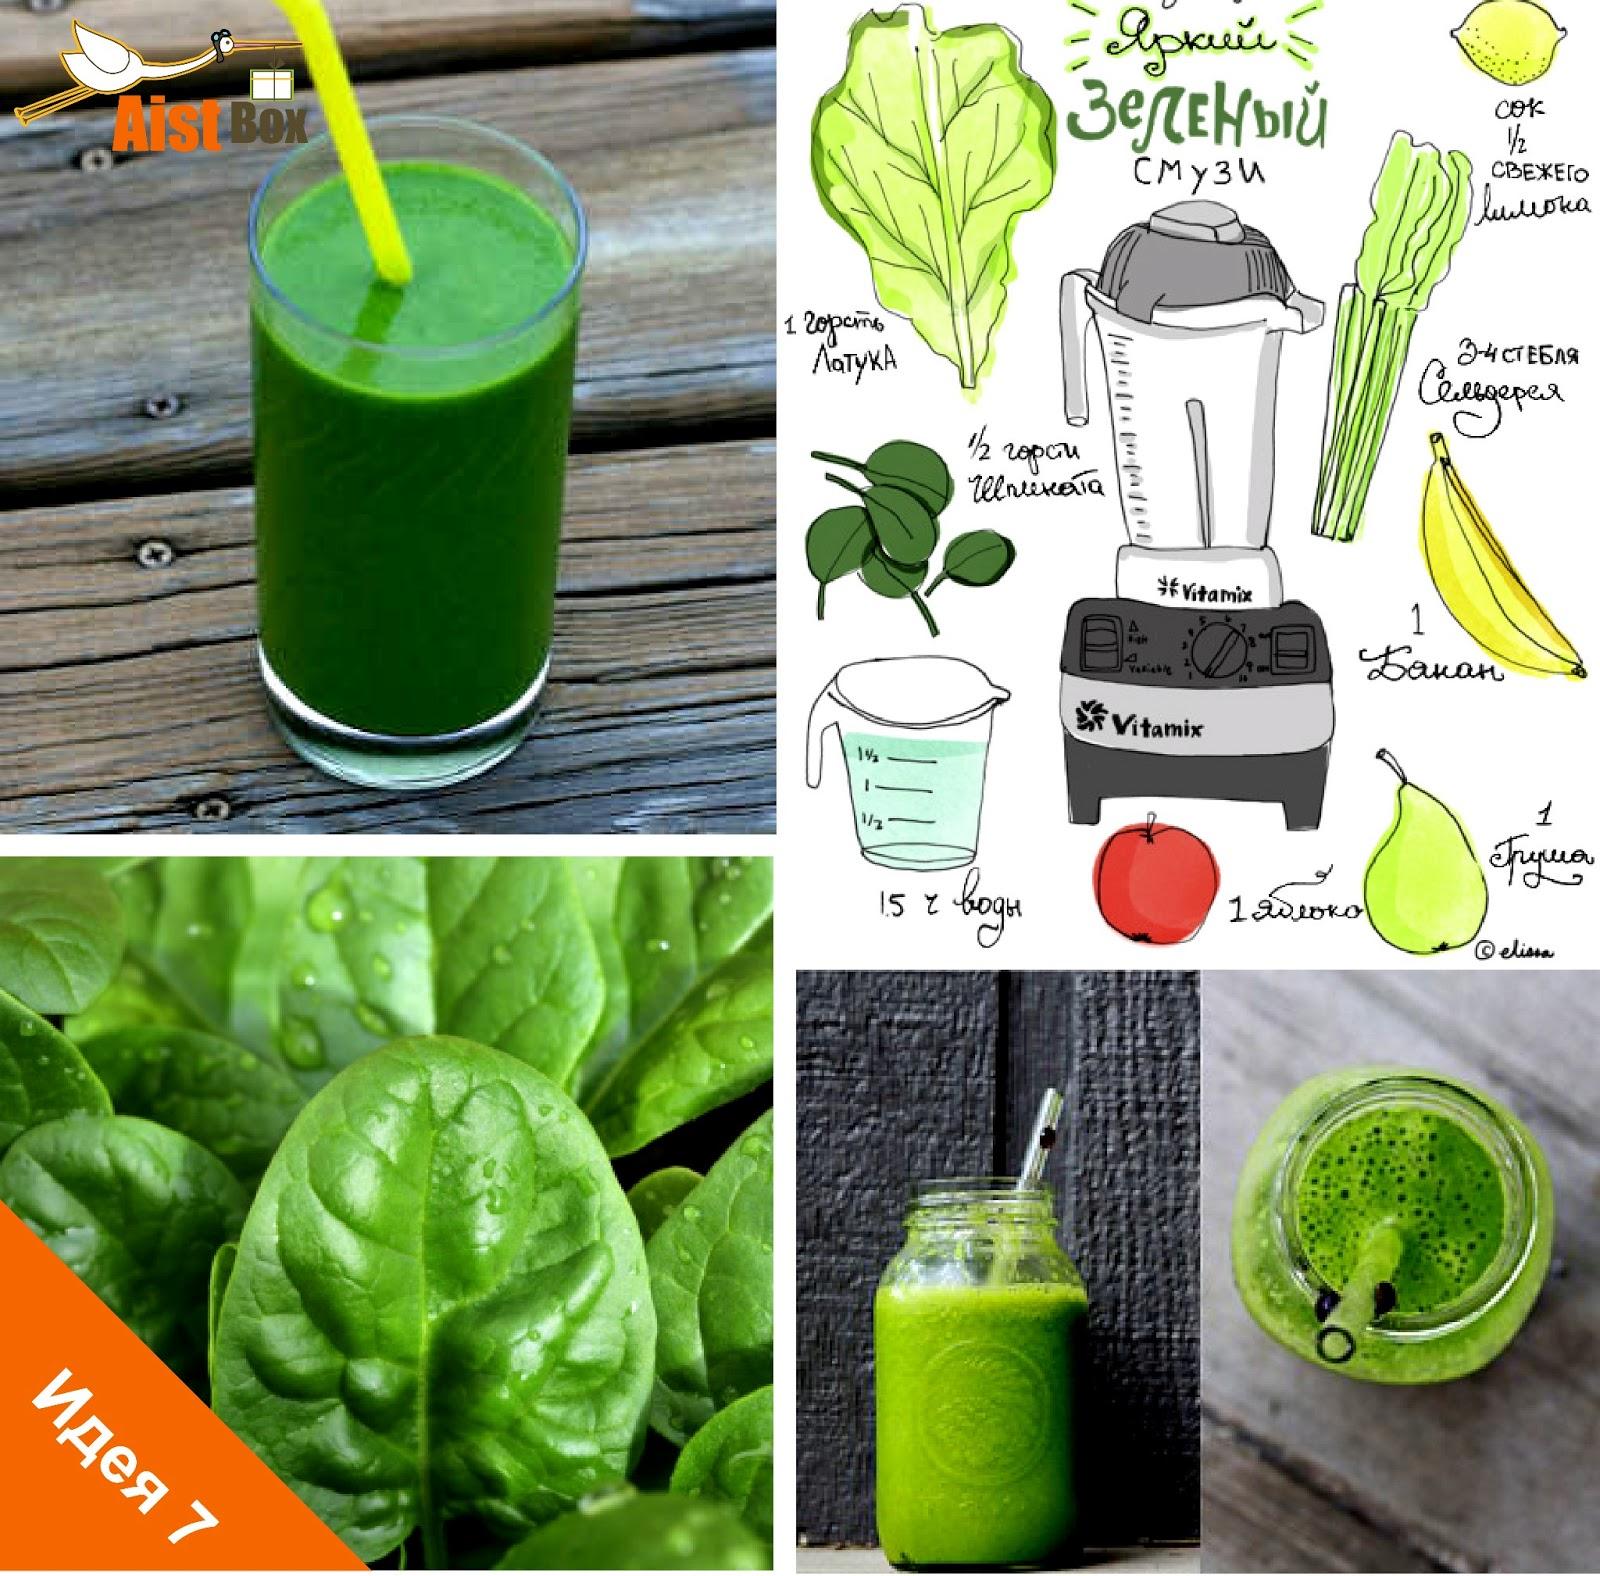 Как зеленый сделать синимшоп